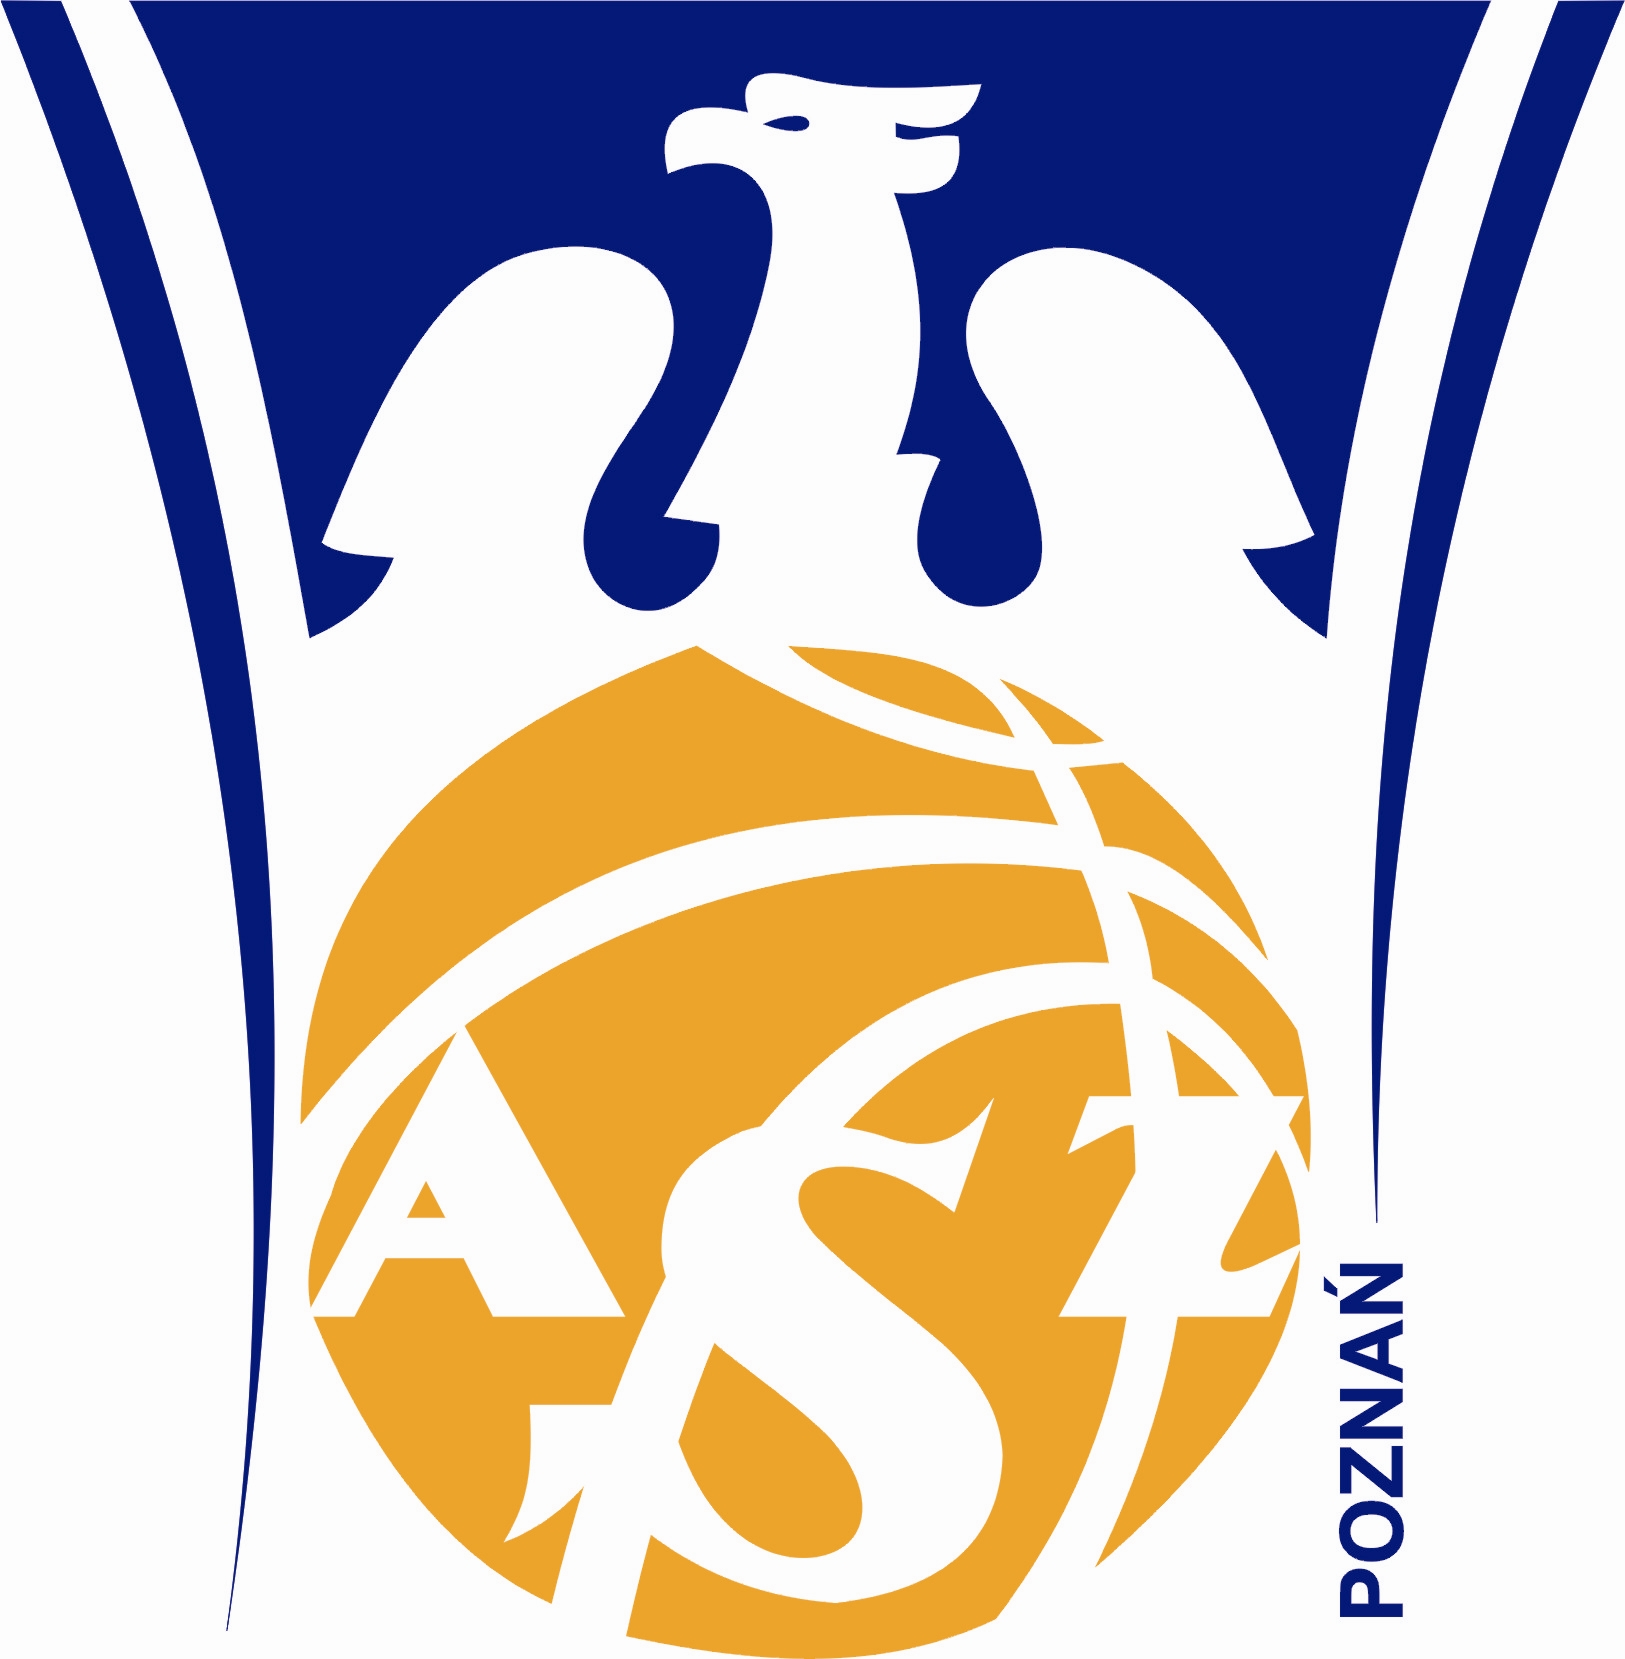 AZS Poznań koszykówka